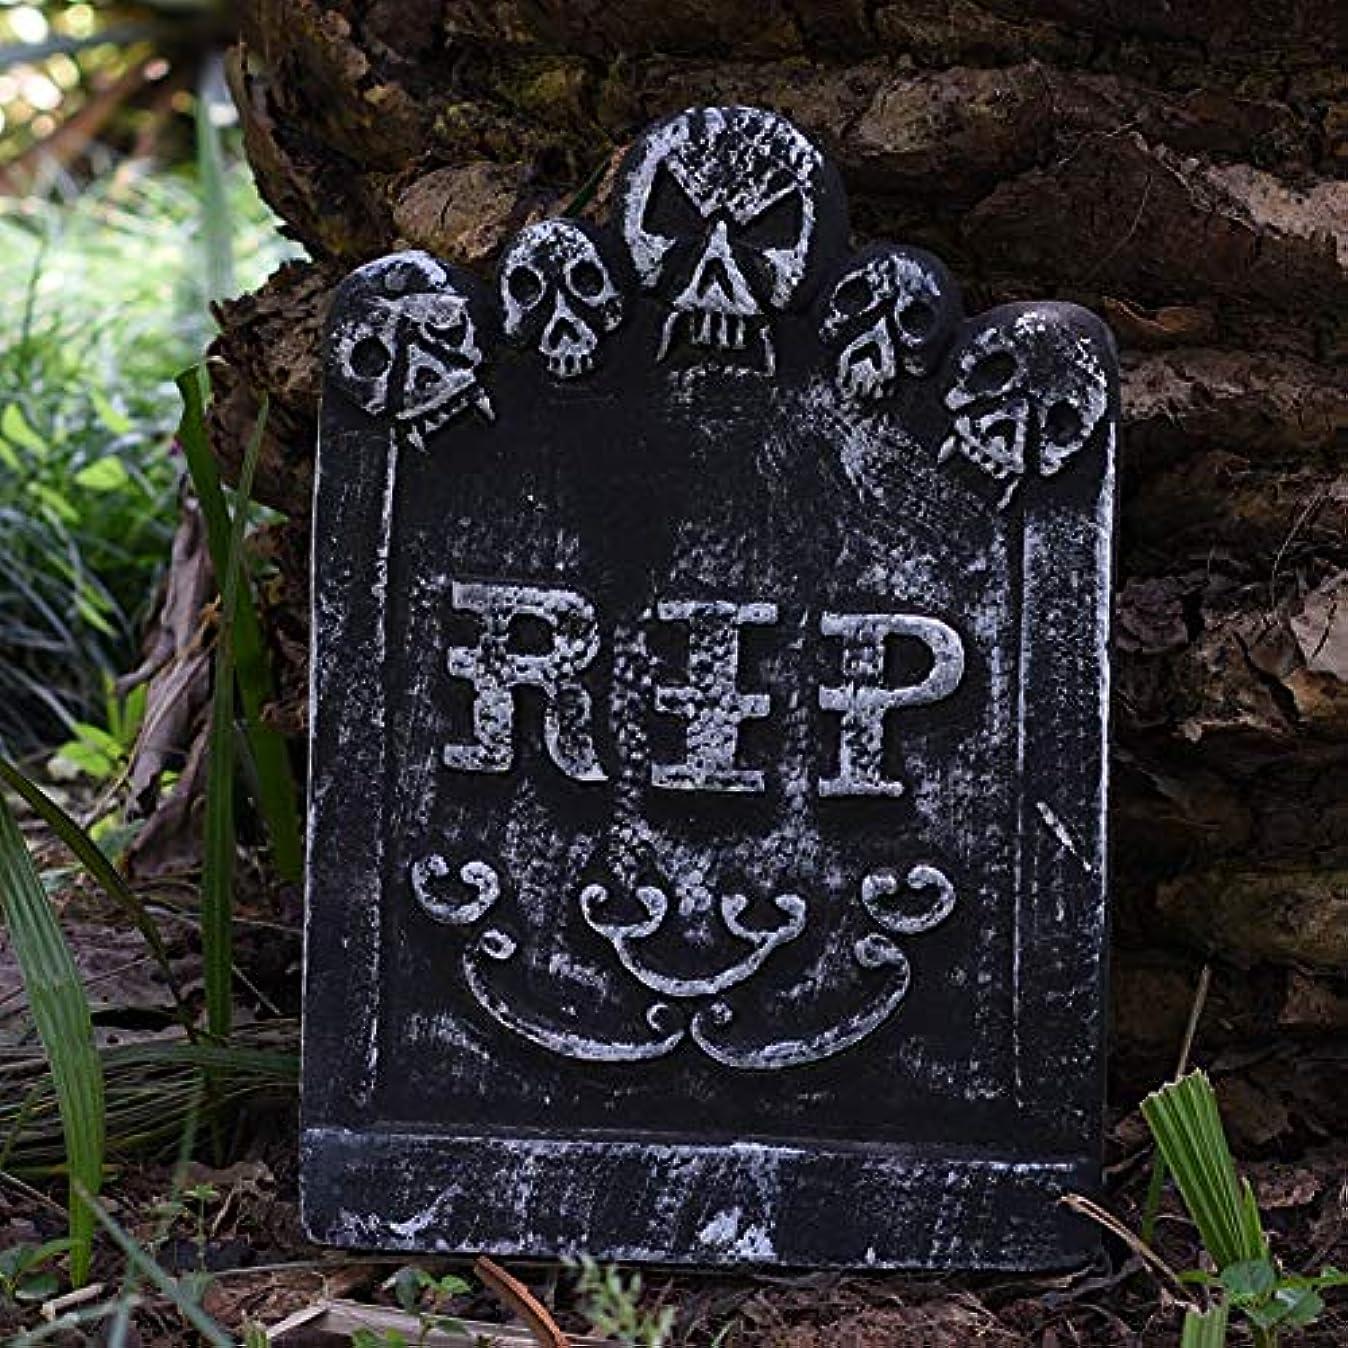 わがまま子供時代僕のETRRUU HOME ハロウィン墓の小道具ステレオ墓石お化け屋敷バールームエスケープタトゥーショップの装飾